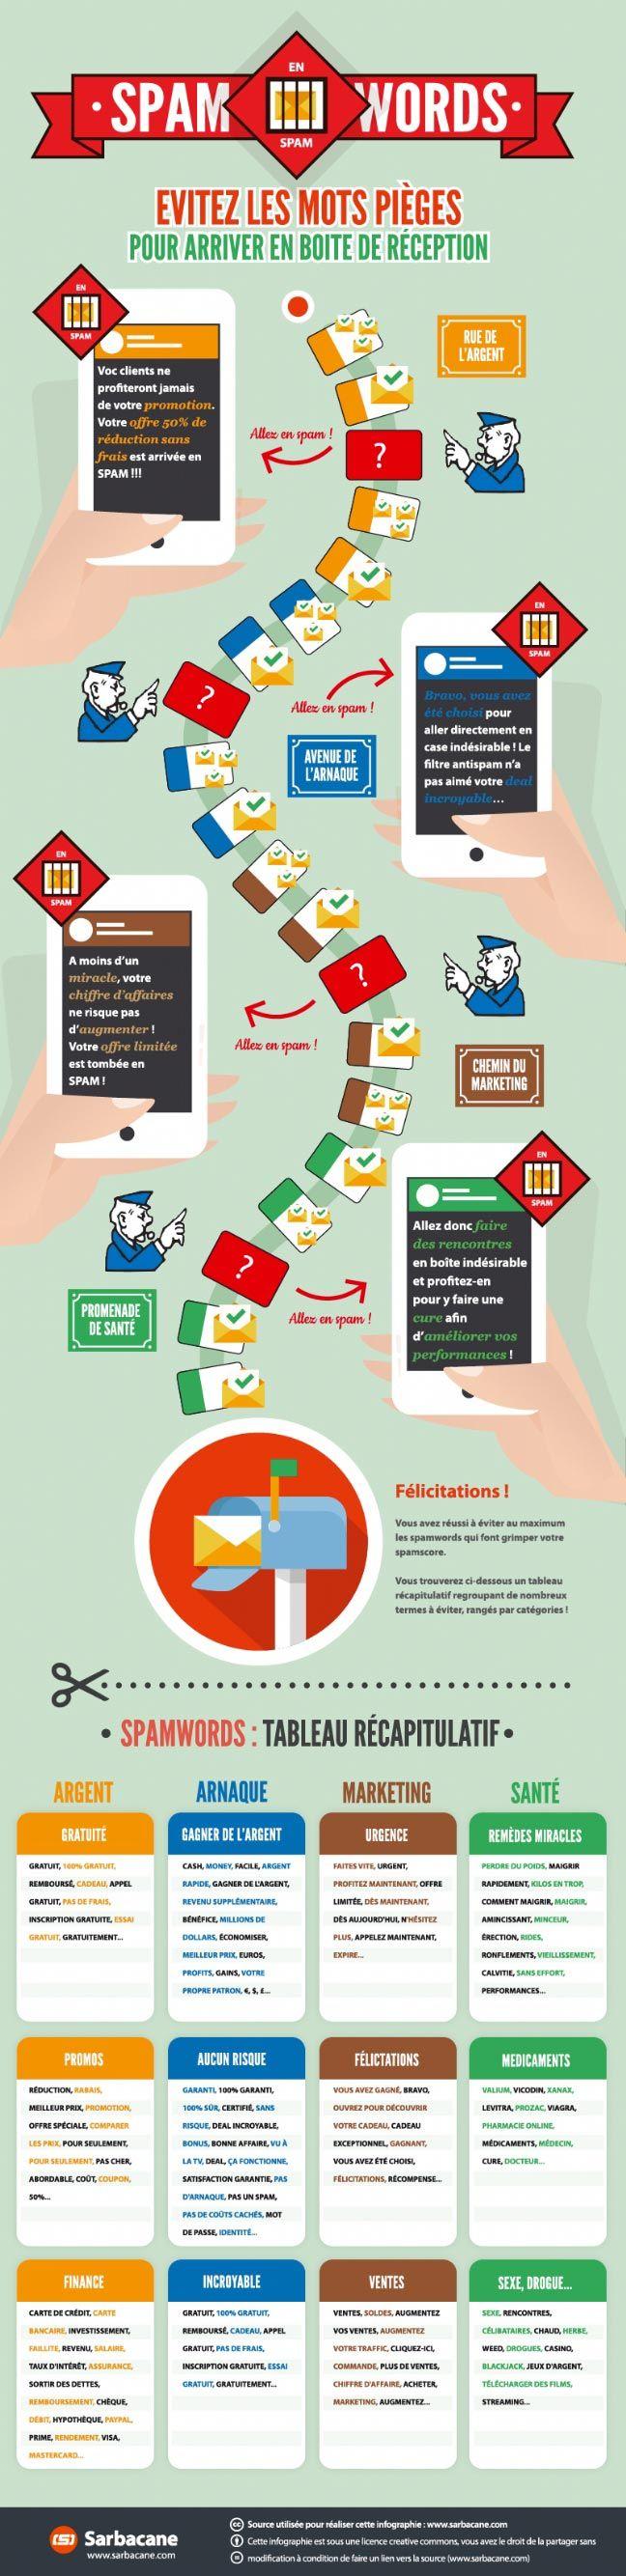 Accroître les performances de votre newsletter et de vos emails promotionnels, cela vous tente? Sarbacane, le célèbre outil d'emailing, nous propose une infographie astucieuse sur les mots à bannir et ceux à utiliser avec modération, pour être sûr que votre message arrive dans la boîte de réception de vos destinataires.Besoin d'externaliser une mission ? Trouvez [...]